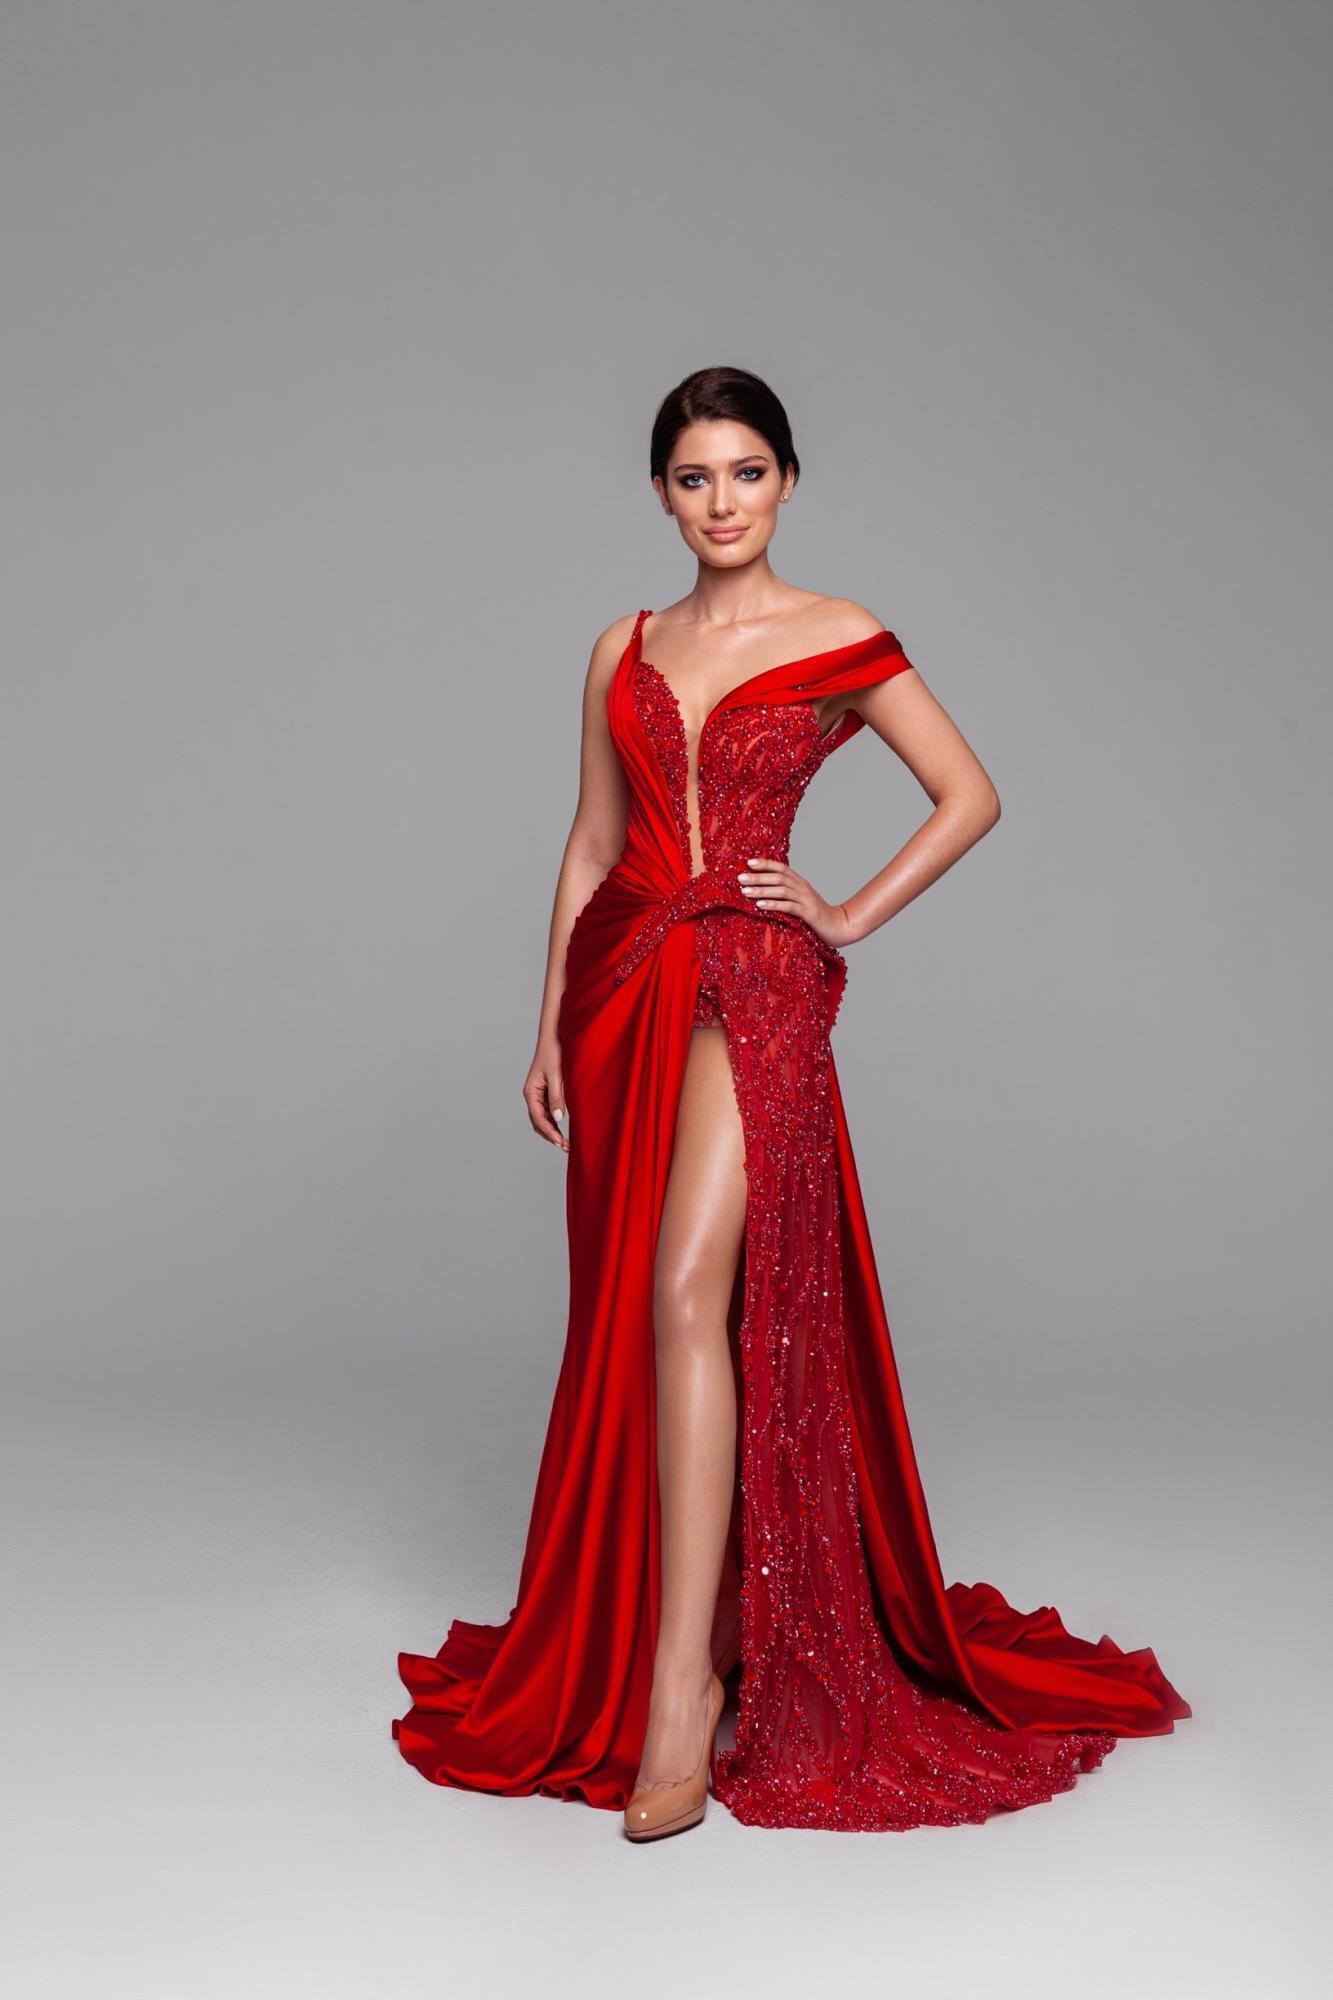 28-летняя Елизавета Ястремская в платье для конкурса